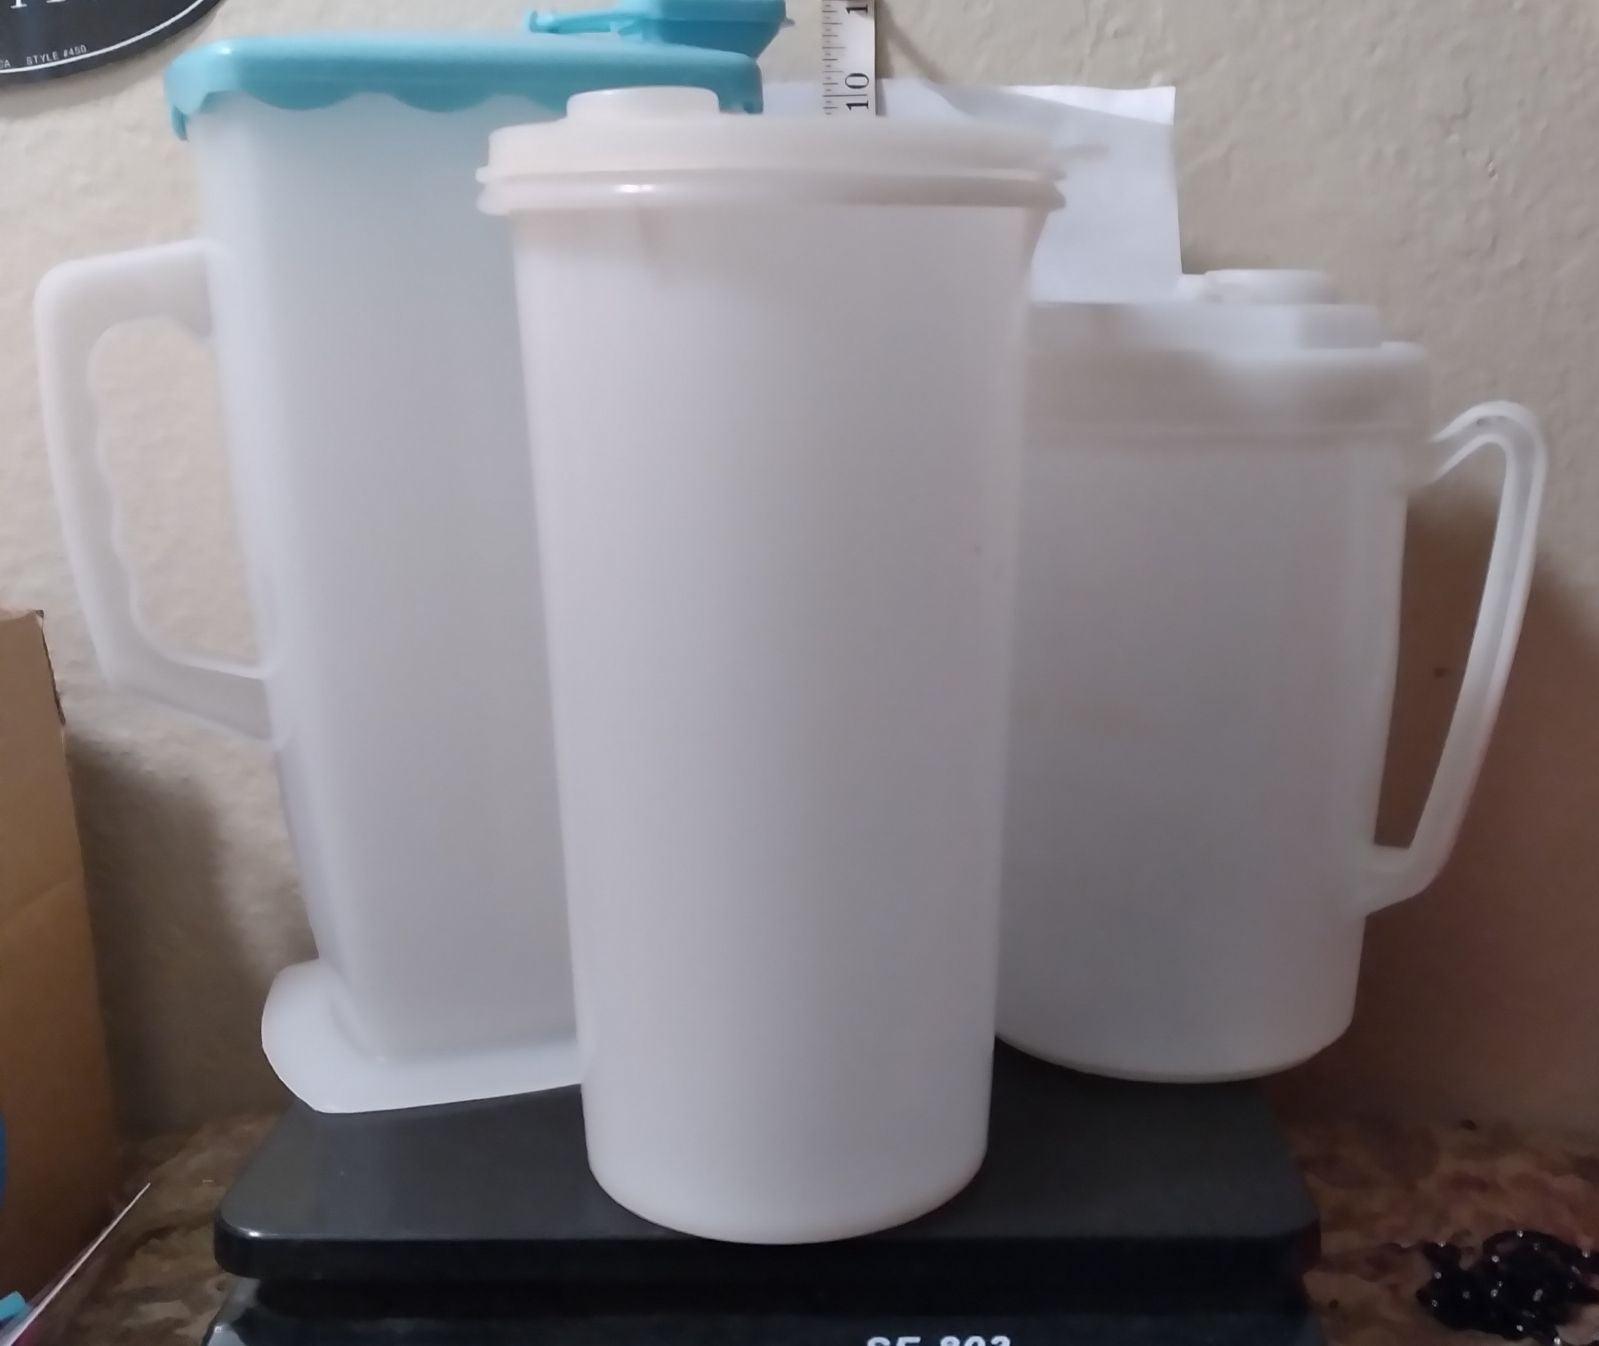 3 Plastic (1 Tupperware & 2 Type) Contai